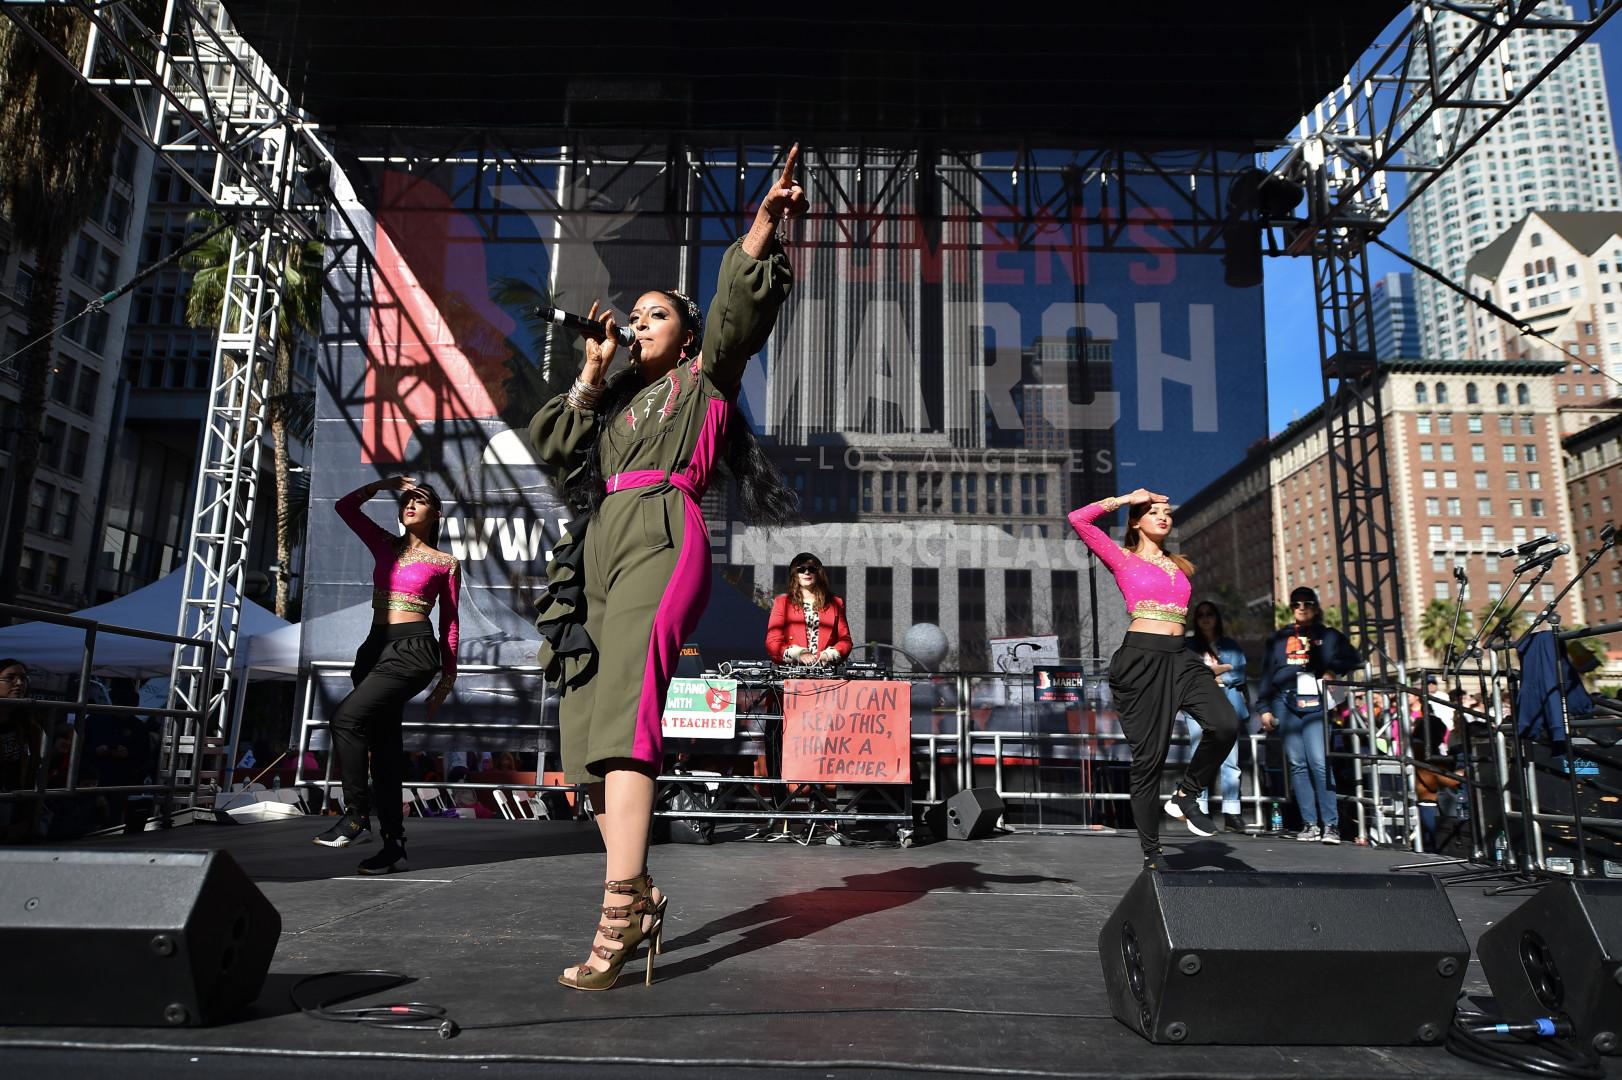 La rappeure indo-américaine Raja Kumari sur scène pendant la Marche des femmes, le 19 janvier 2019 à Los Angeles